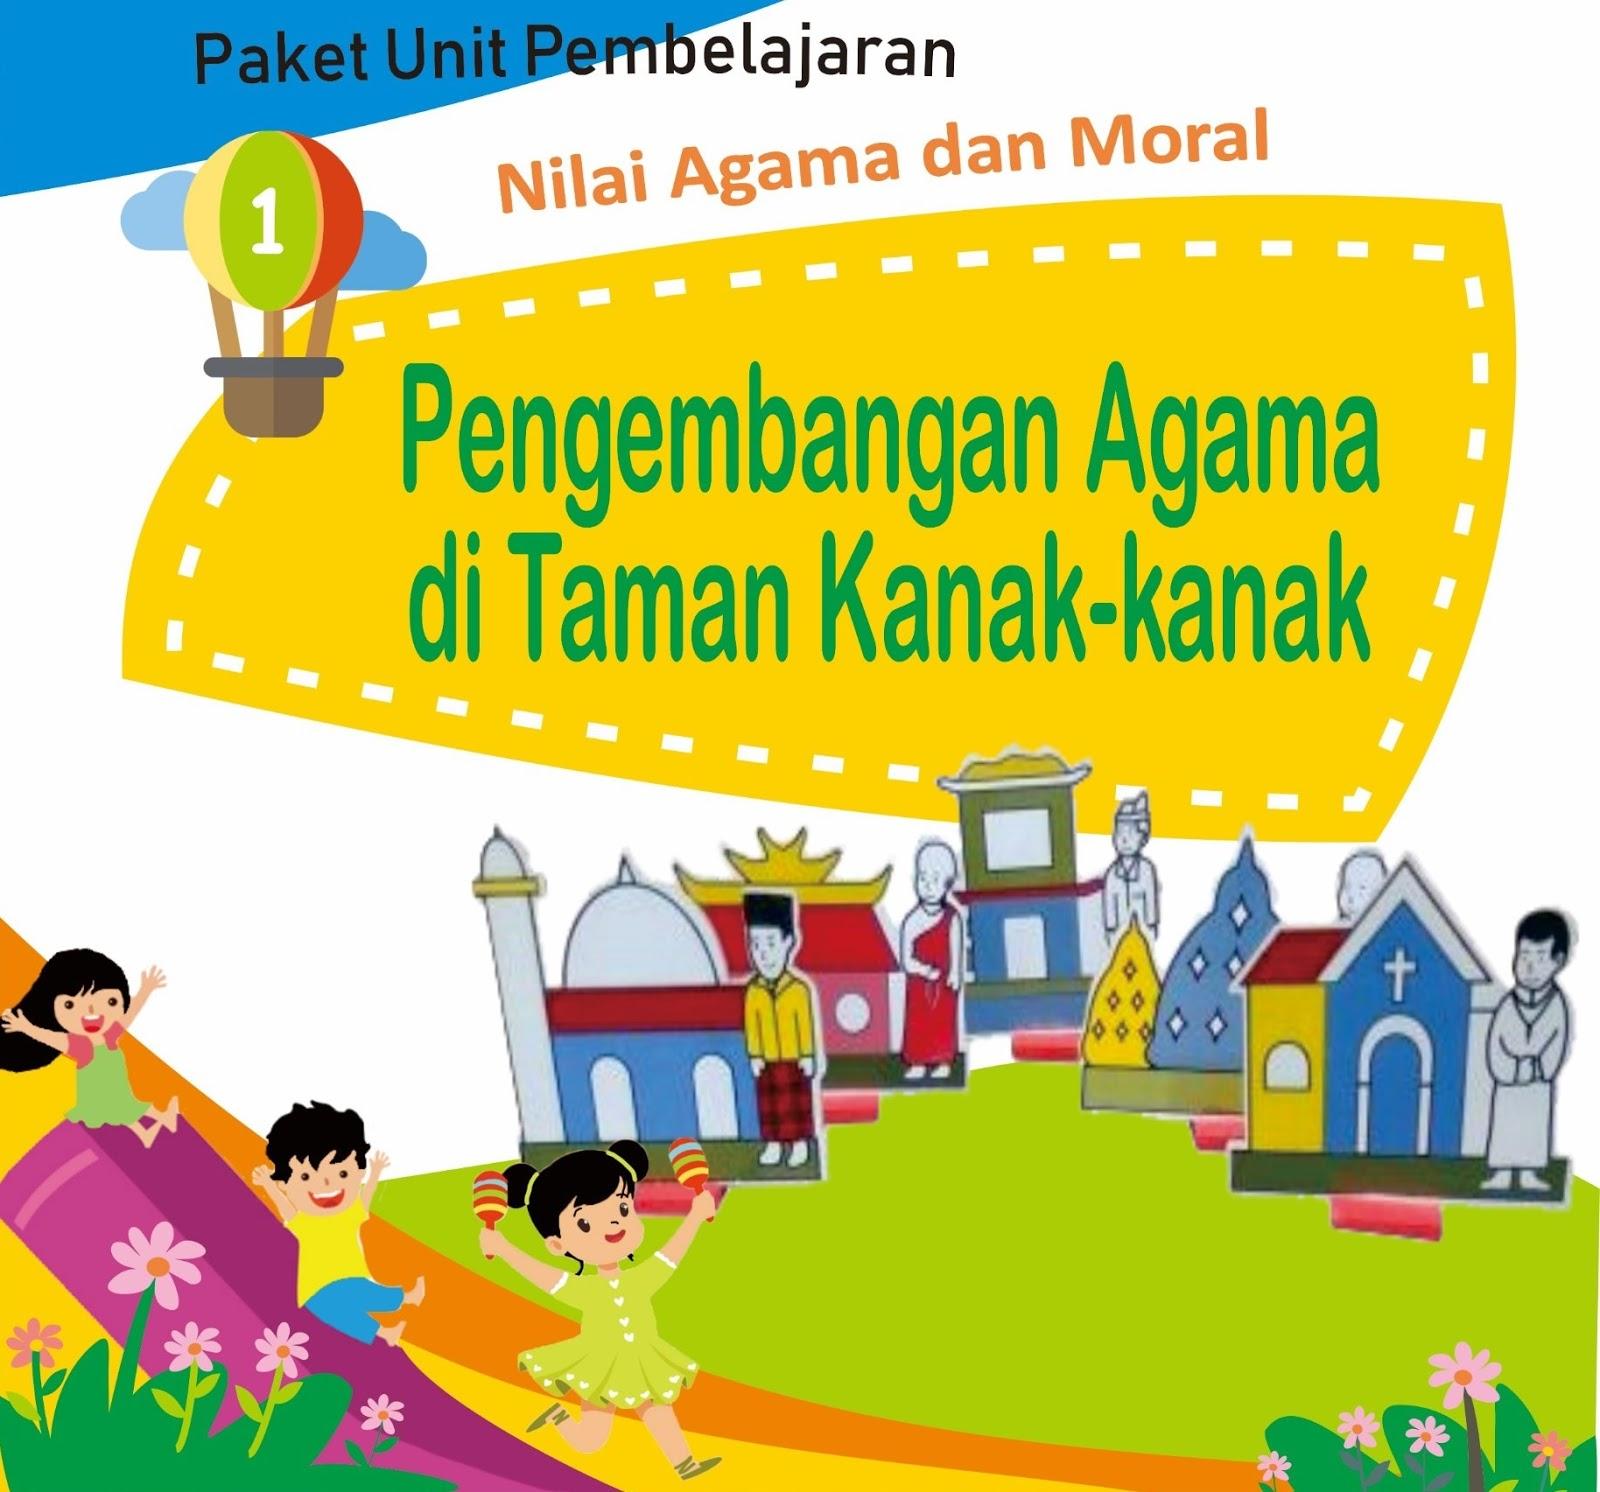 Download lengkap Kumpulan Modul Program PKB Melalui PKP Berbasis Zonasi Untuk Guru TK (PAUD) dan Pendidikan Khusus Tahun 2019